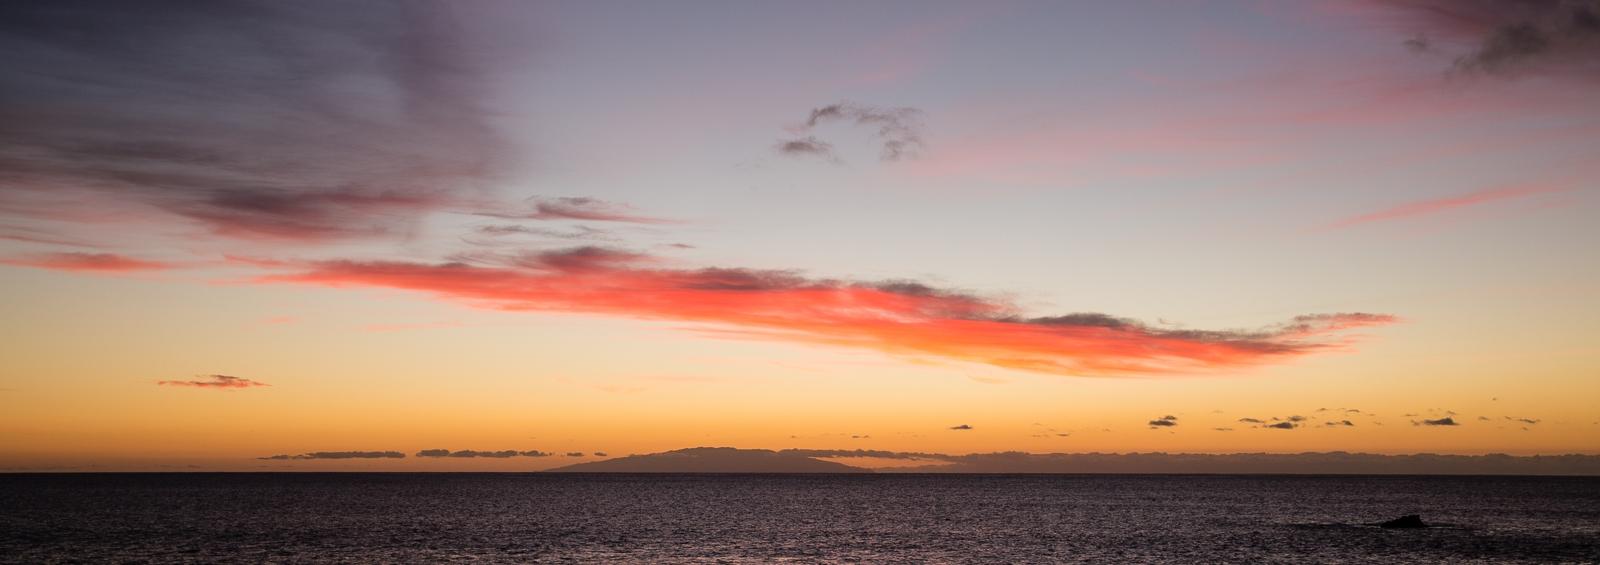 xmas-day-sunset-3